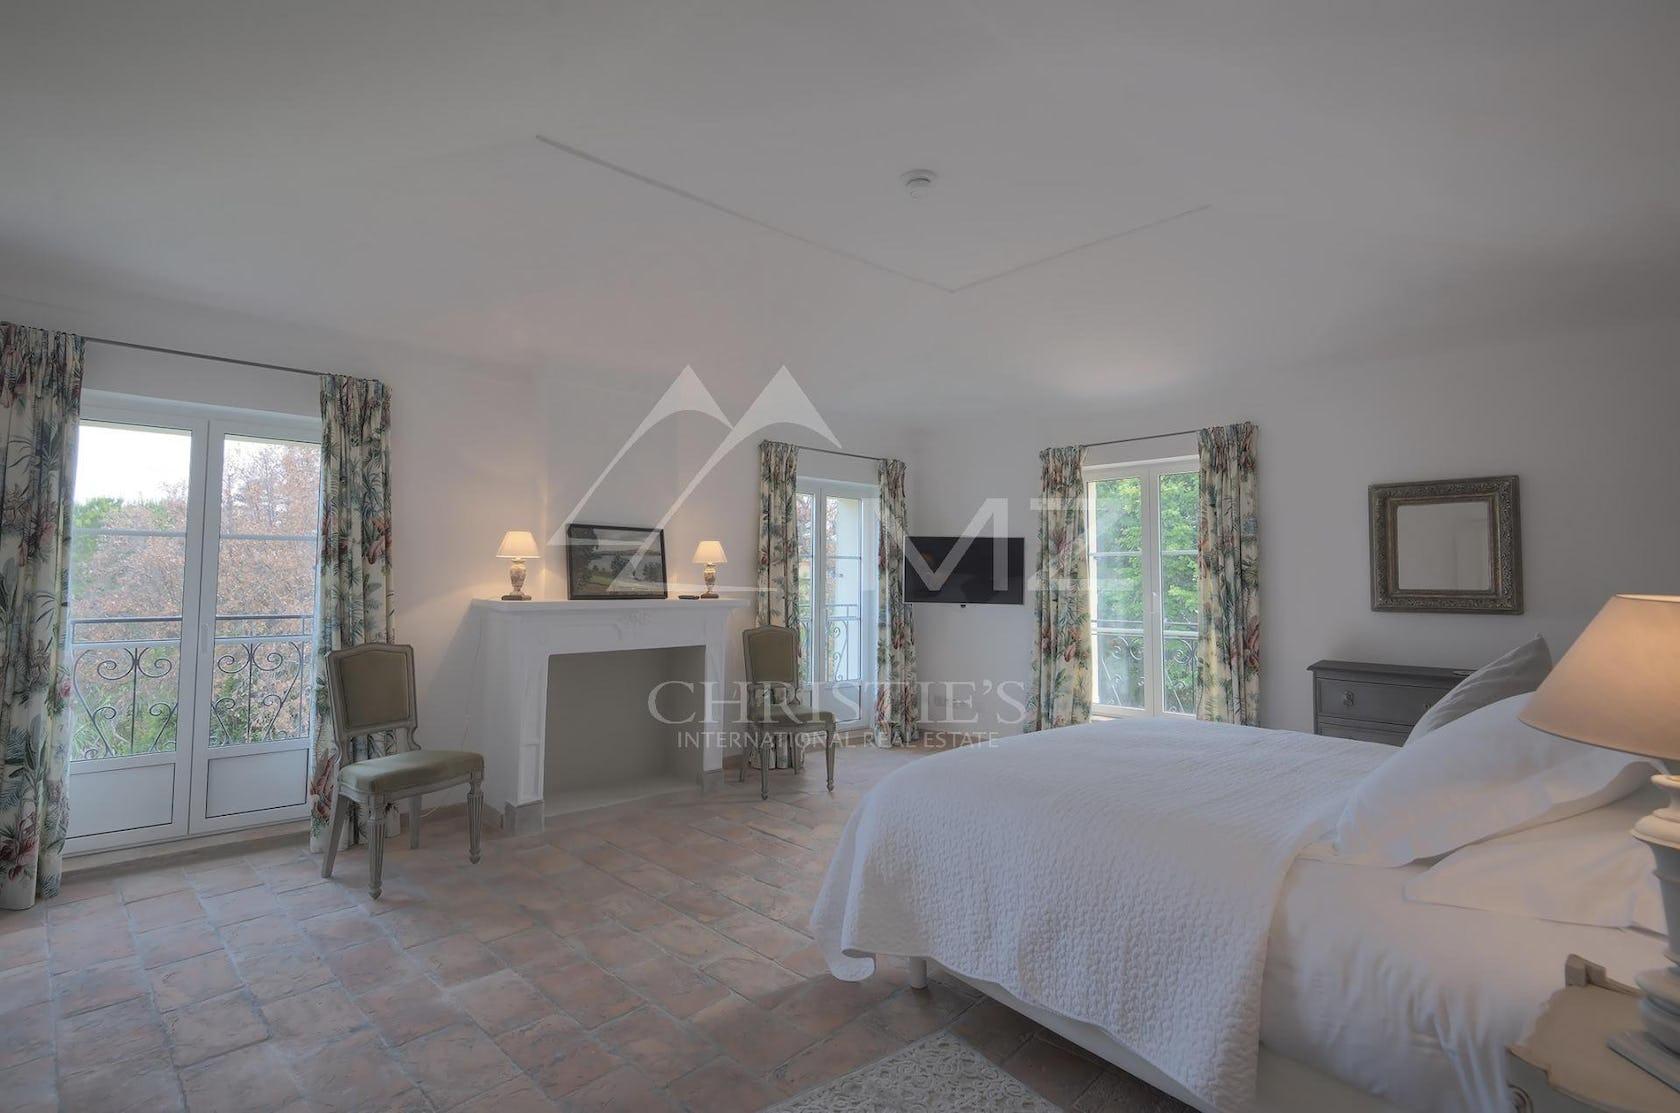 flooring floor bed furniture interior design indoors bedroom room living room